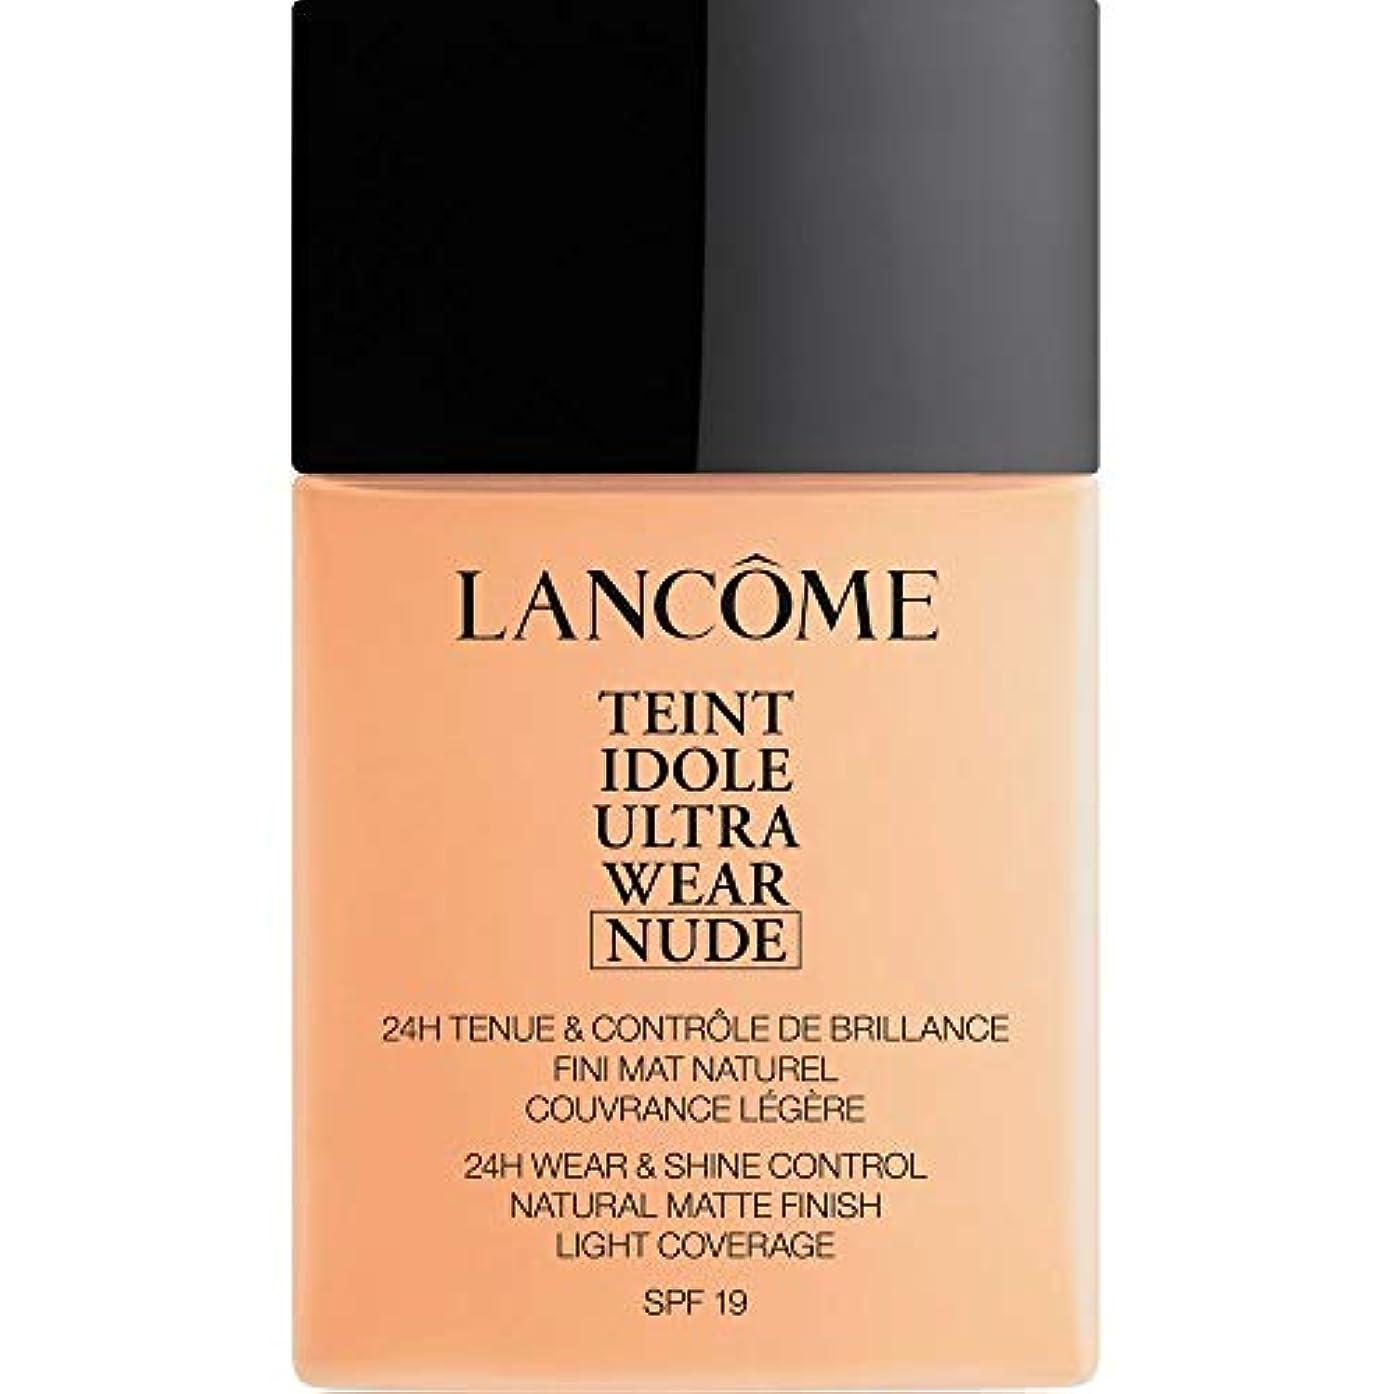 ロデオ親愛な用語集[Lanc?me ] ランコムTeintのIdole超ヌード財団Spf19の40ミリリットル024を着る - ベージュヴァニラを - Lancome Teint Idole Ultra Wear Nude Foundation...